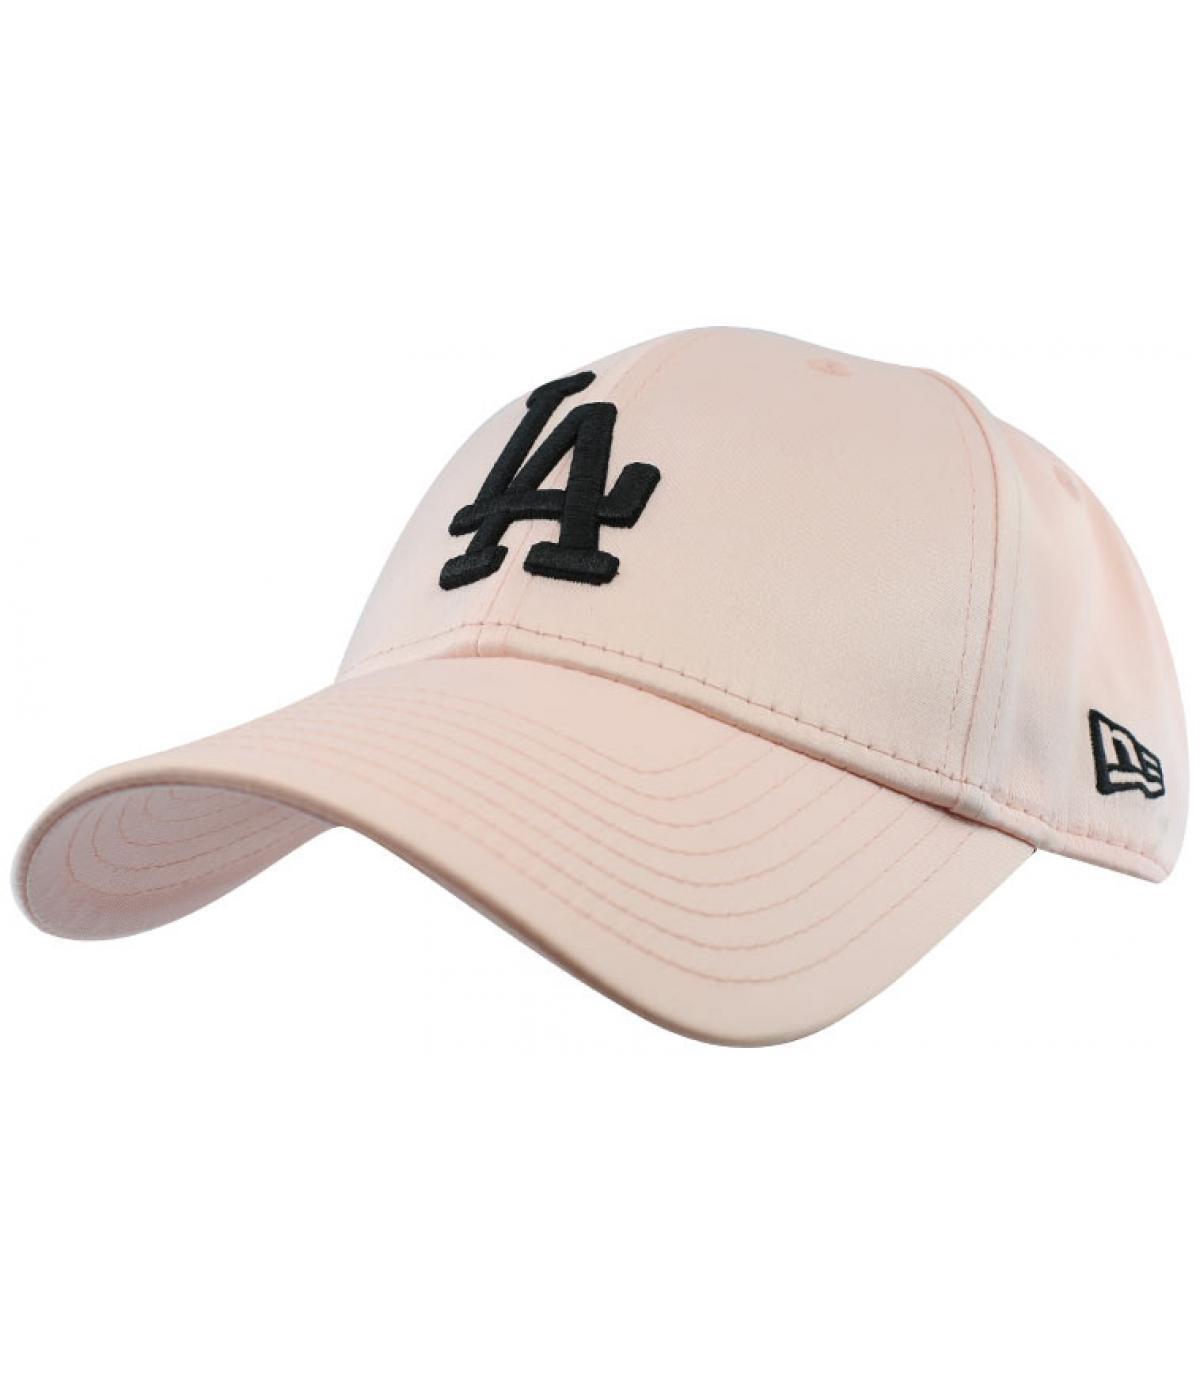 dec1a127a Casquette la - Casquette Los Angeles Dodgers